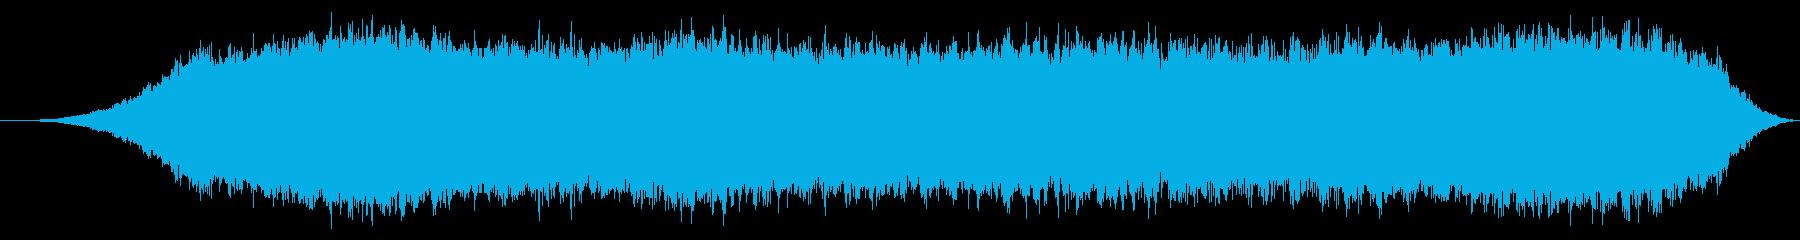 無線通信の干渉、厚くて文字化けの再生済みの波形